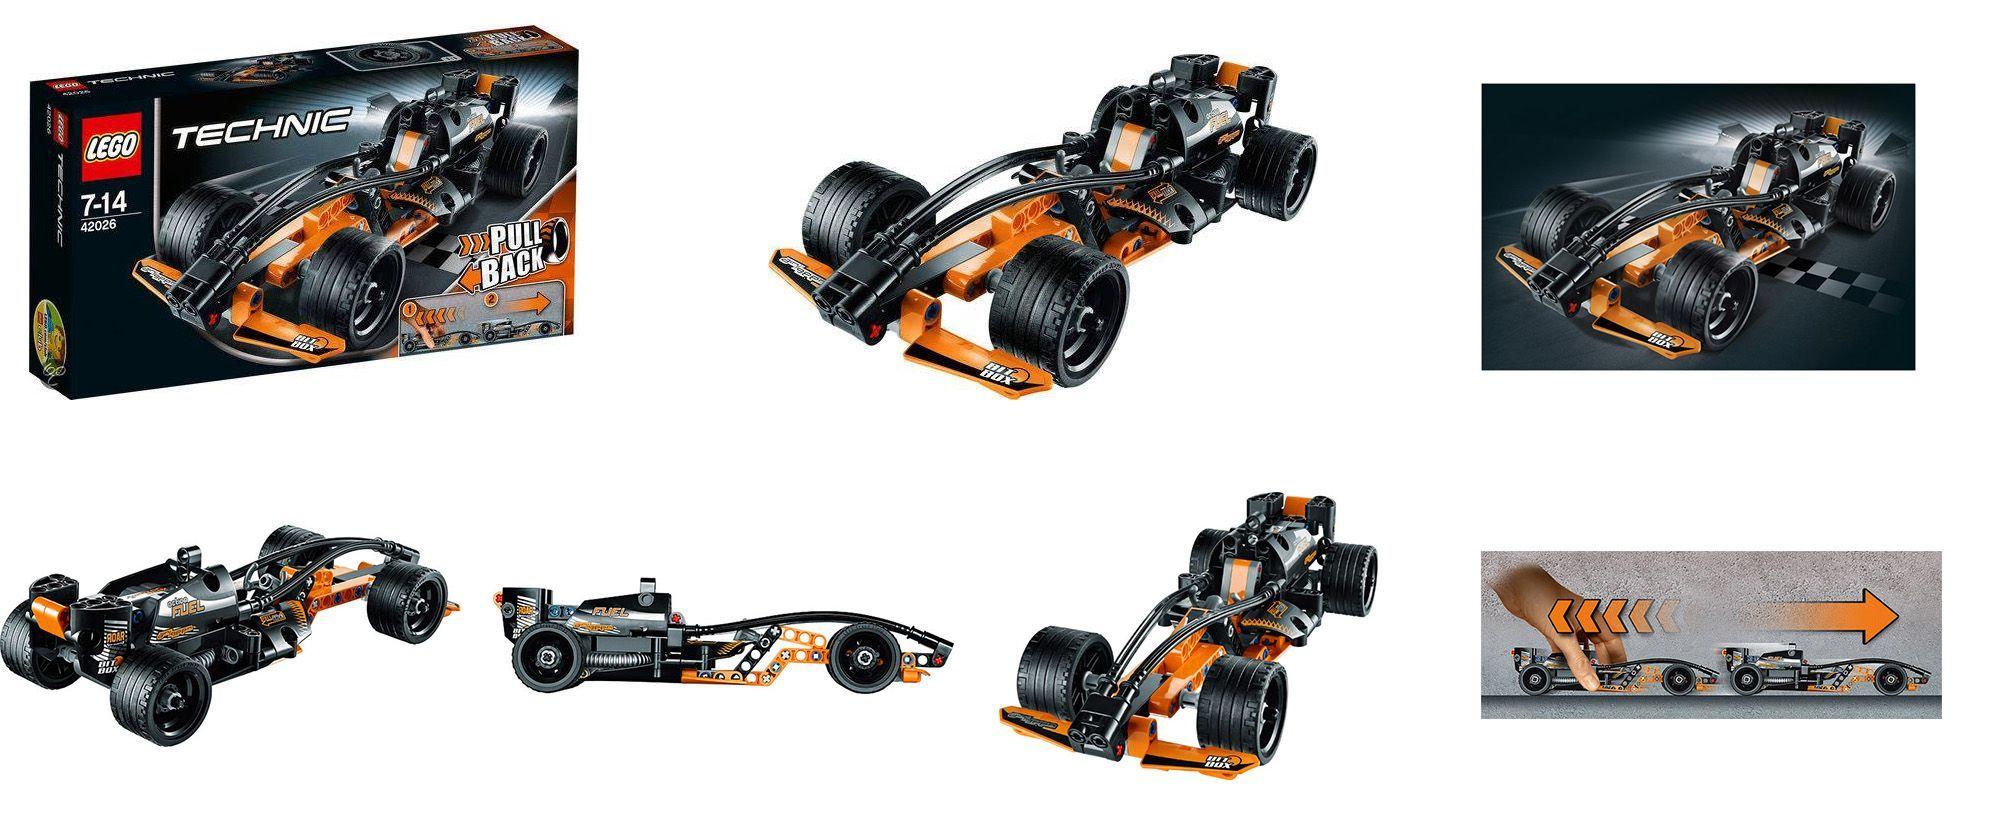 Lego Technic – Additional Set Images | i Brick City